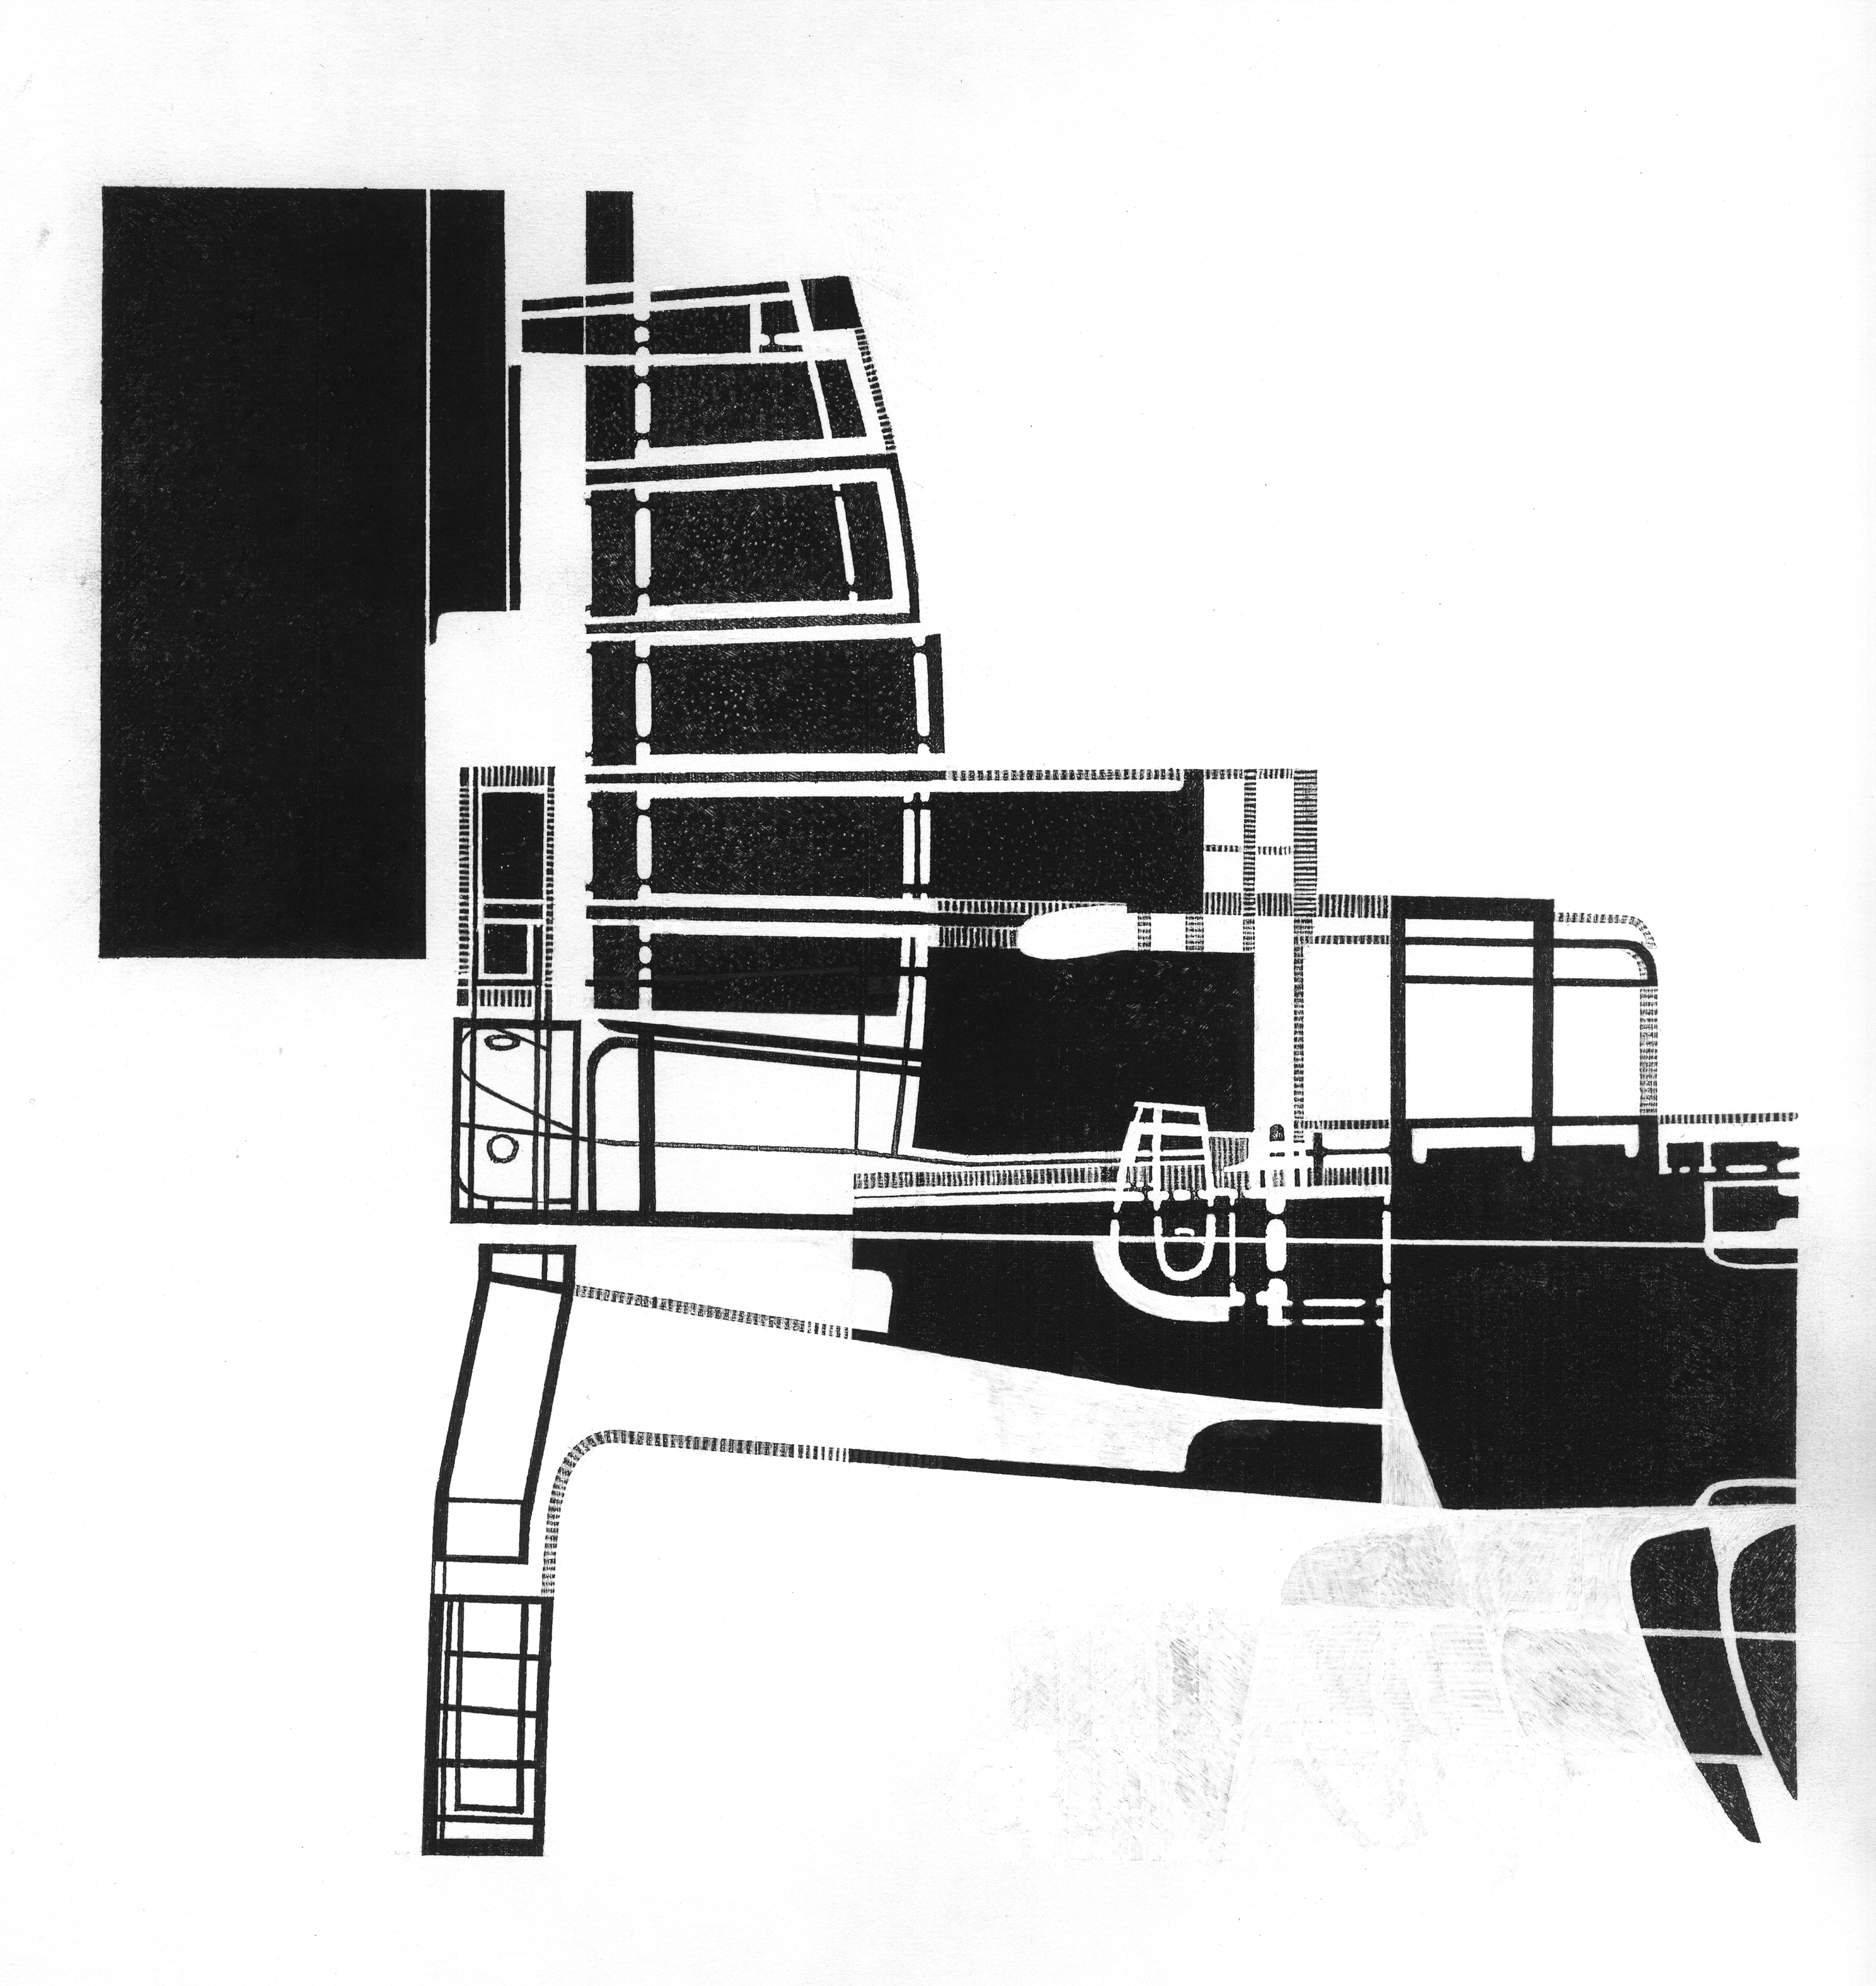 Billedet viser en tegning skabt af tryk fra stempel